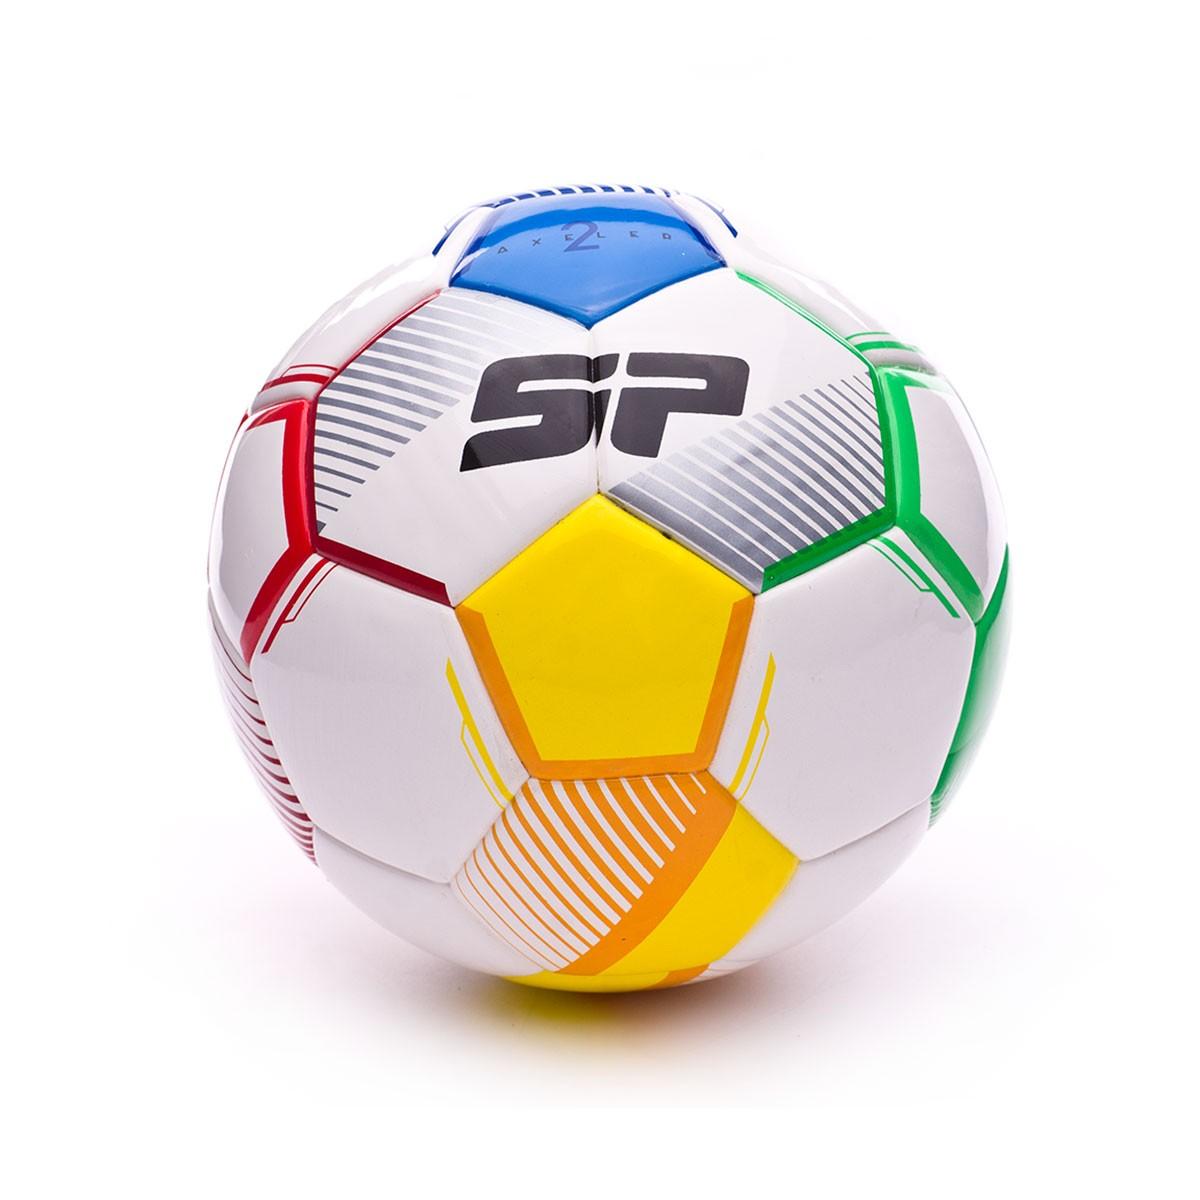 Balones de fútbol sala - Soloporteros es ahora Fútbol Emotion faa538e8890b4